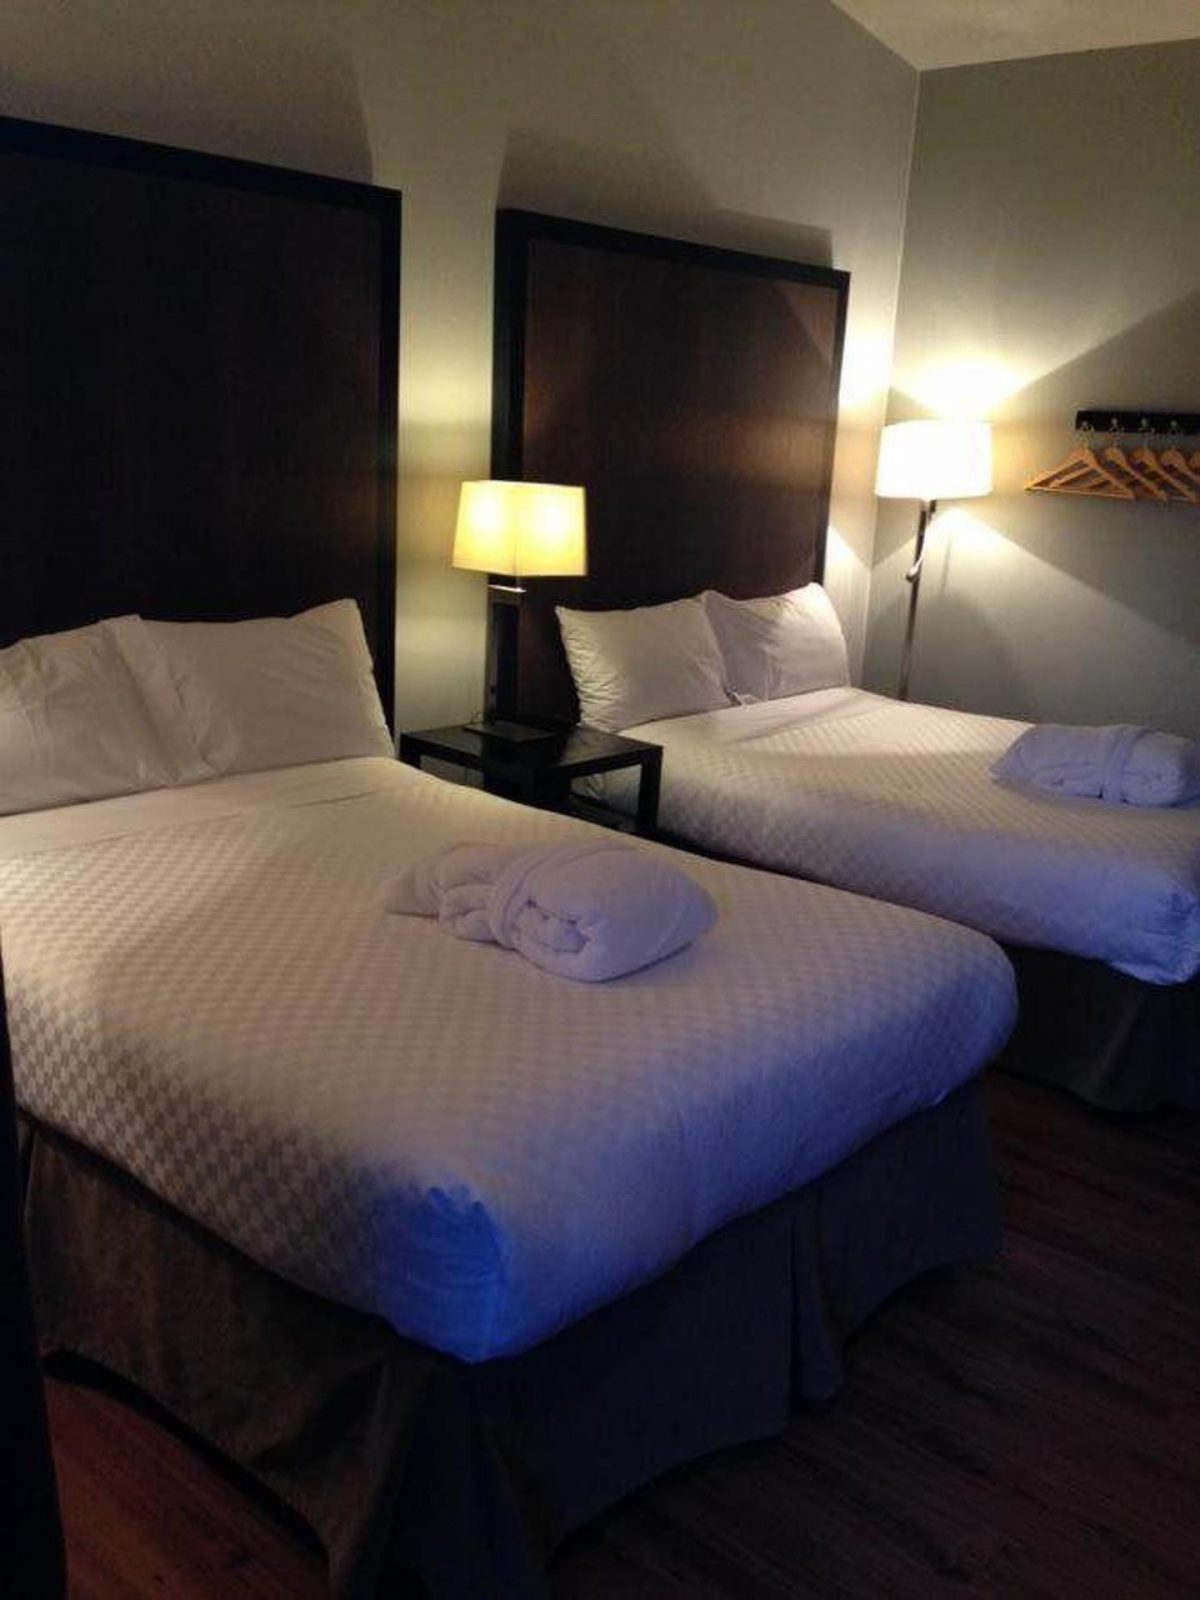 centro-motel-rooms-15